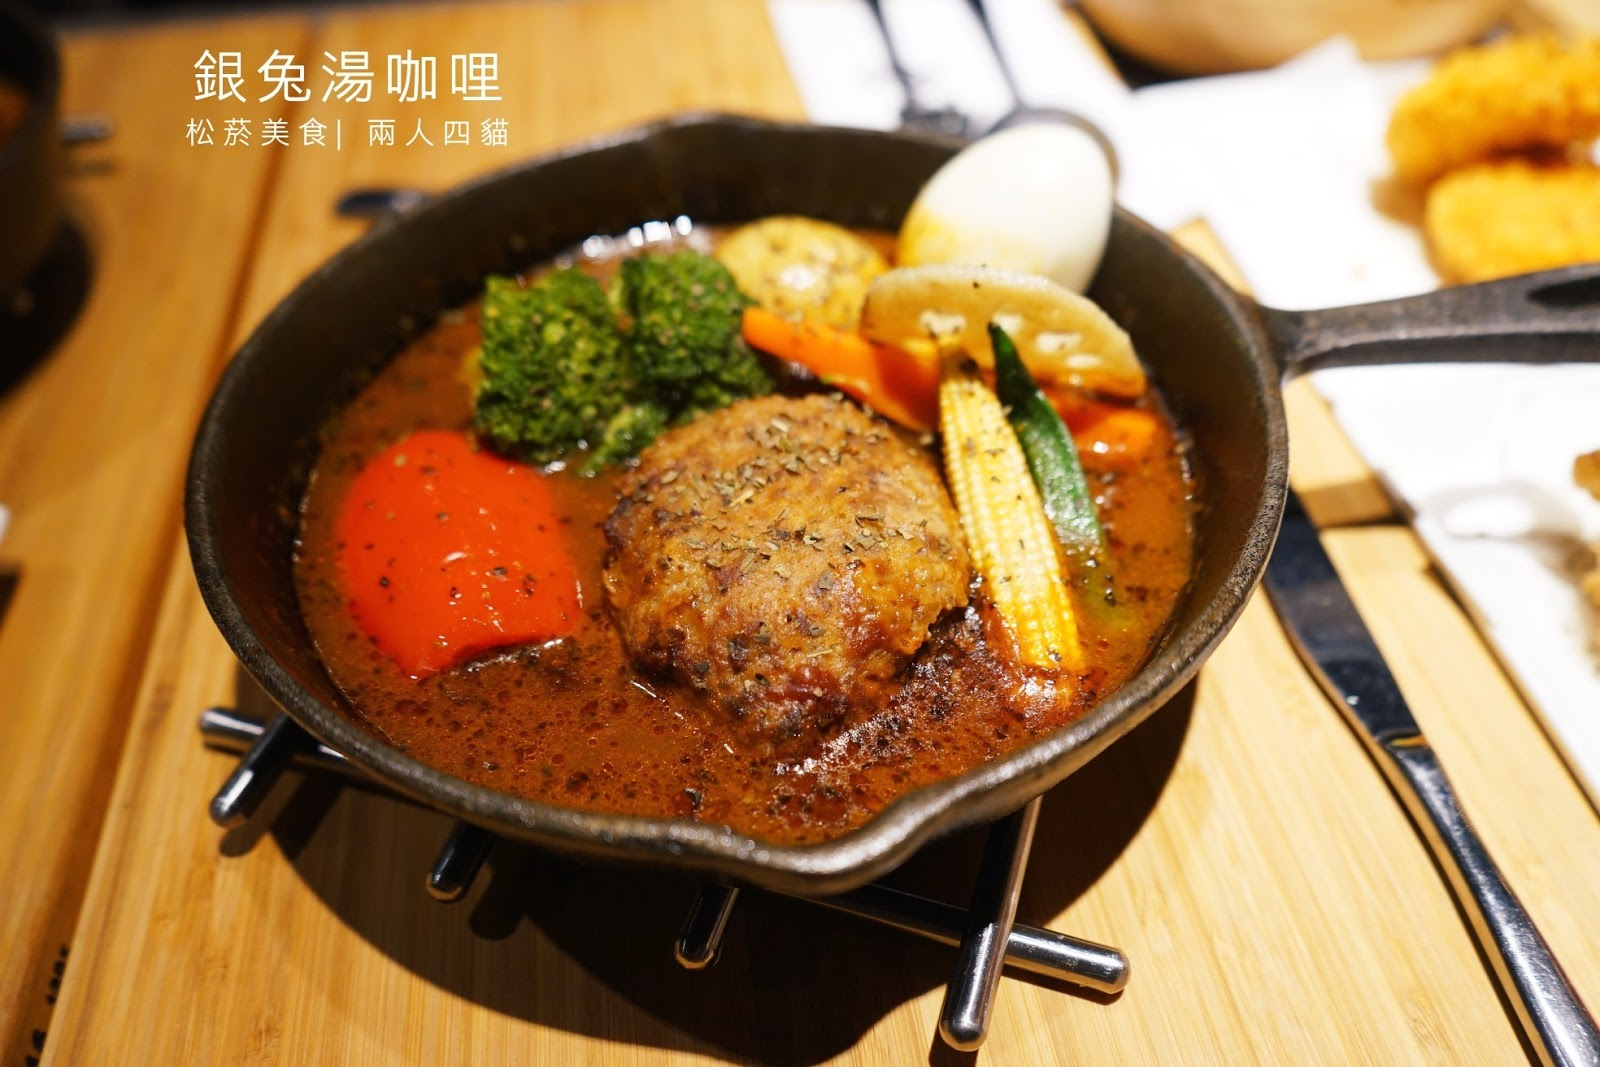 【松菸美食】 台北湯咖哩推薦 銀兔湯咖哩 來自北海道的特色咖哩飯